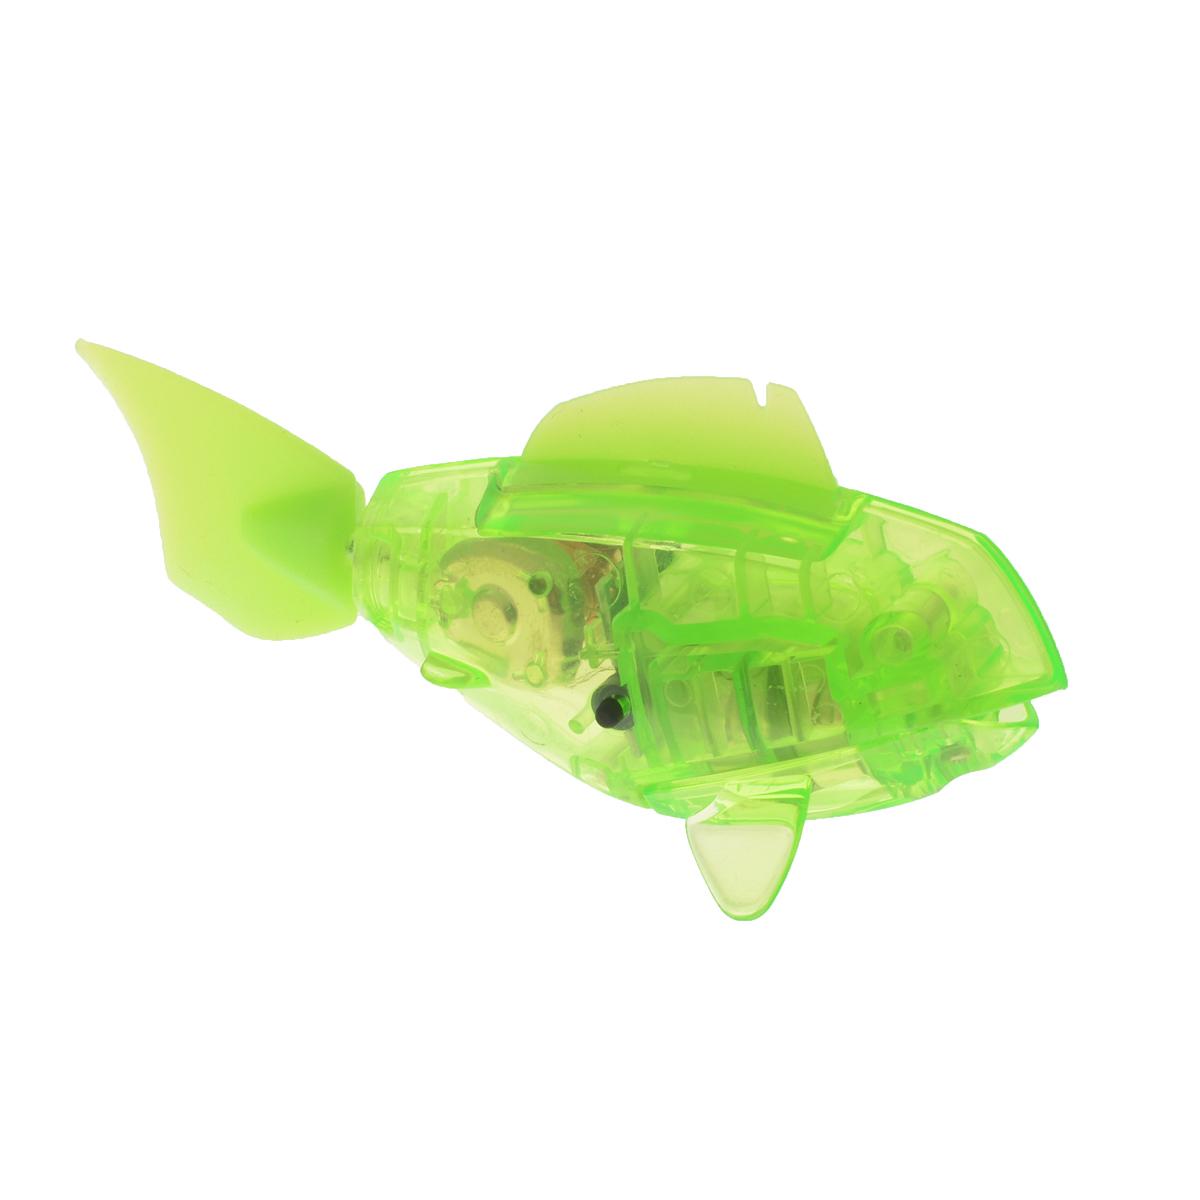 Игровой набор Hexbug Aqua Bot, с аквариумом, цвет: салатовый460-2914_салатовыйУникальный набор Hexbug Aquabot изготовлен из безопасного пластика и выполнен в виде забавной рыбки с аквариумом. Теперь микро-роботы осваивают и водные глубины! В набор входит рыбка-робот и аквариум. Микро-робот Hexbug Aqua Bot плавает как настоящая рыба и непредсказуем в направлении движения. Опустите его в воду и он оживет! Если микро-робот замер, то достаточно просто всколыхнуть воду и он снова поплывёт. Вне воды микро-робот автоматически выключается. Для работы игрушки необходимы 2 батареи типа AG13/LR44 (товар комплектуется демонстрационными).